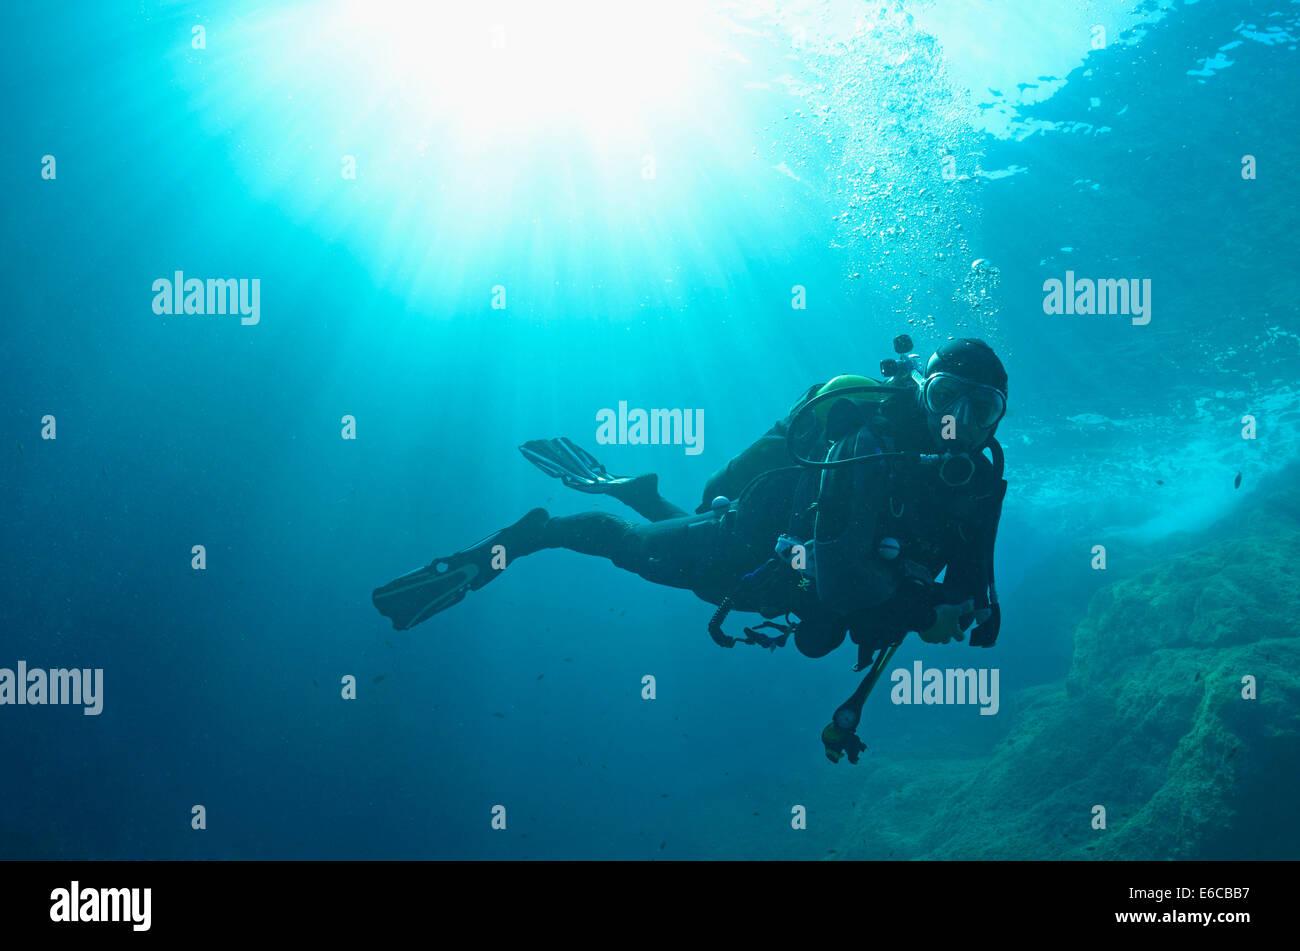 Rayons de scuba diver et nager sous l'eau, de l'Europe Photo Stock